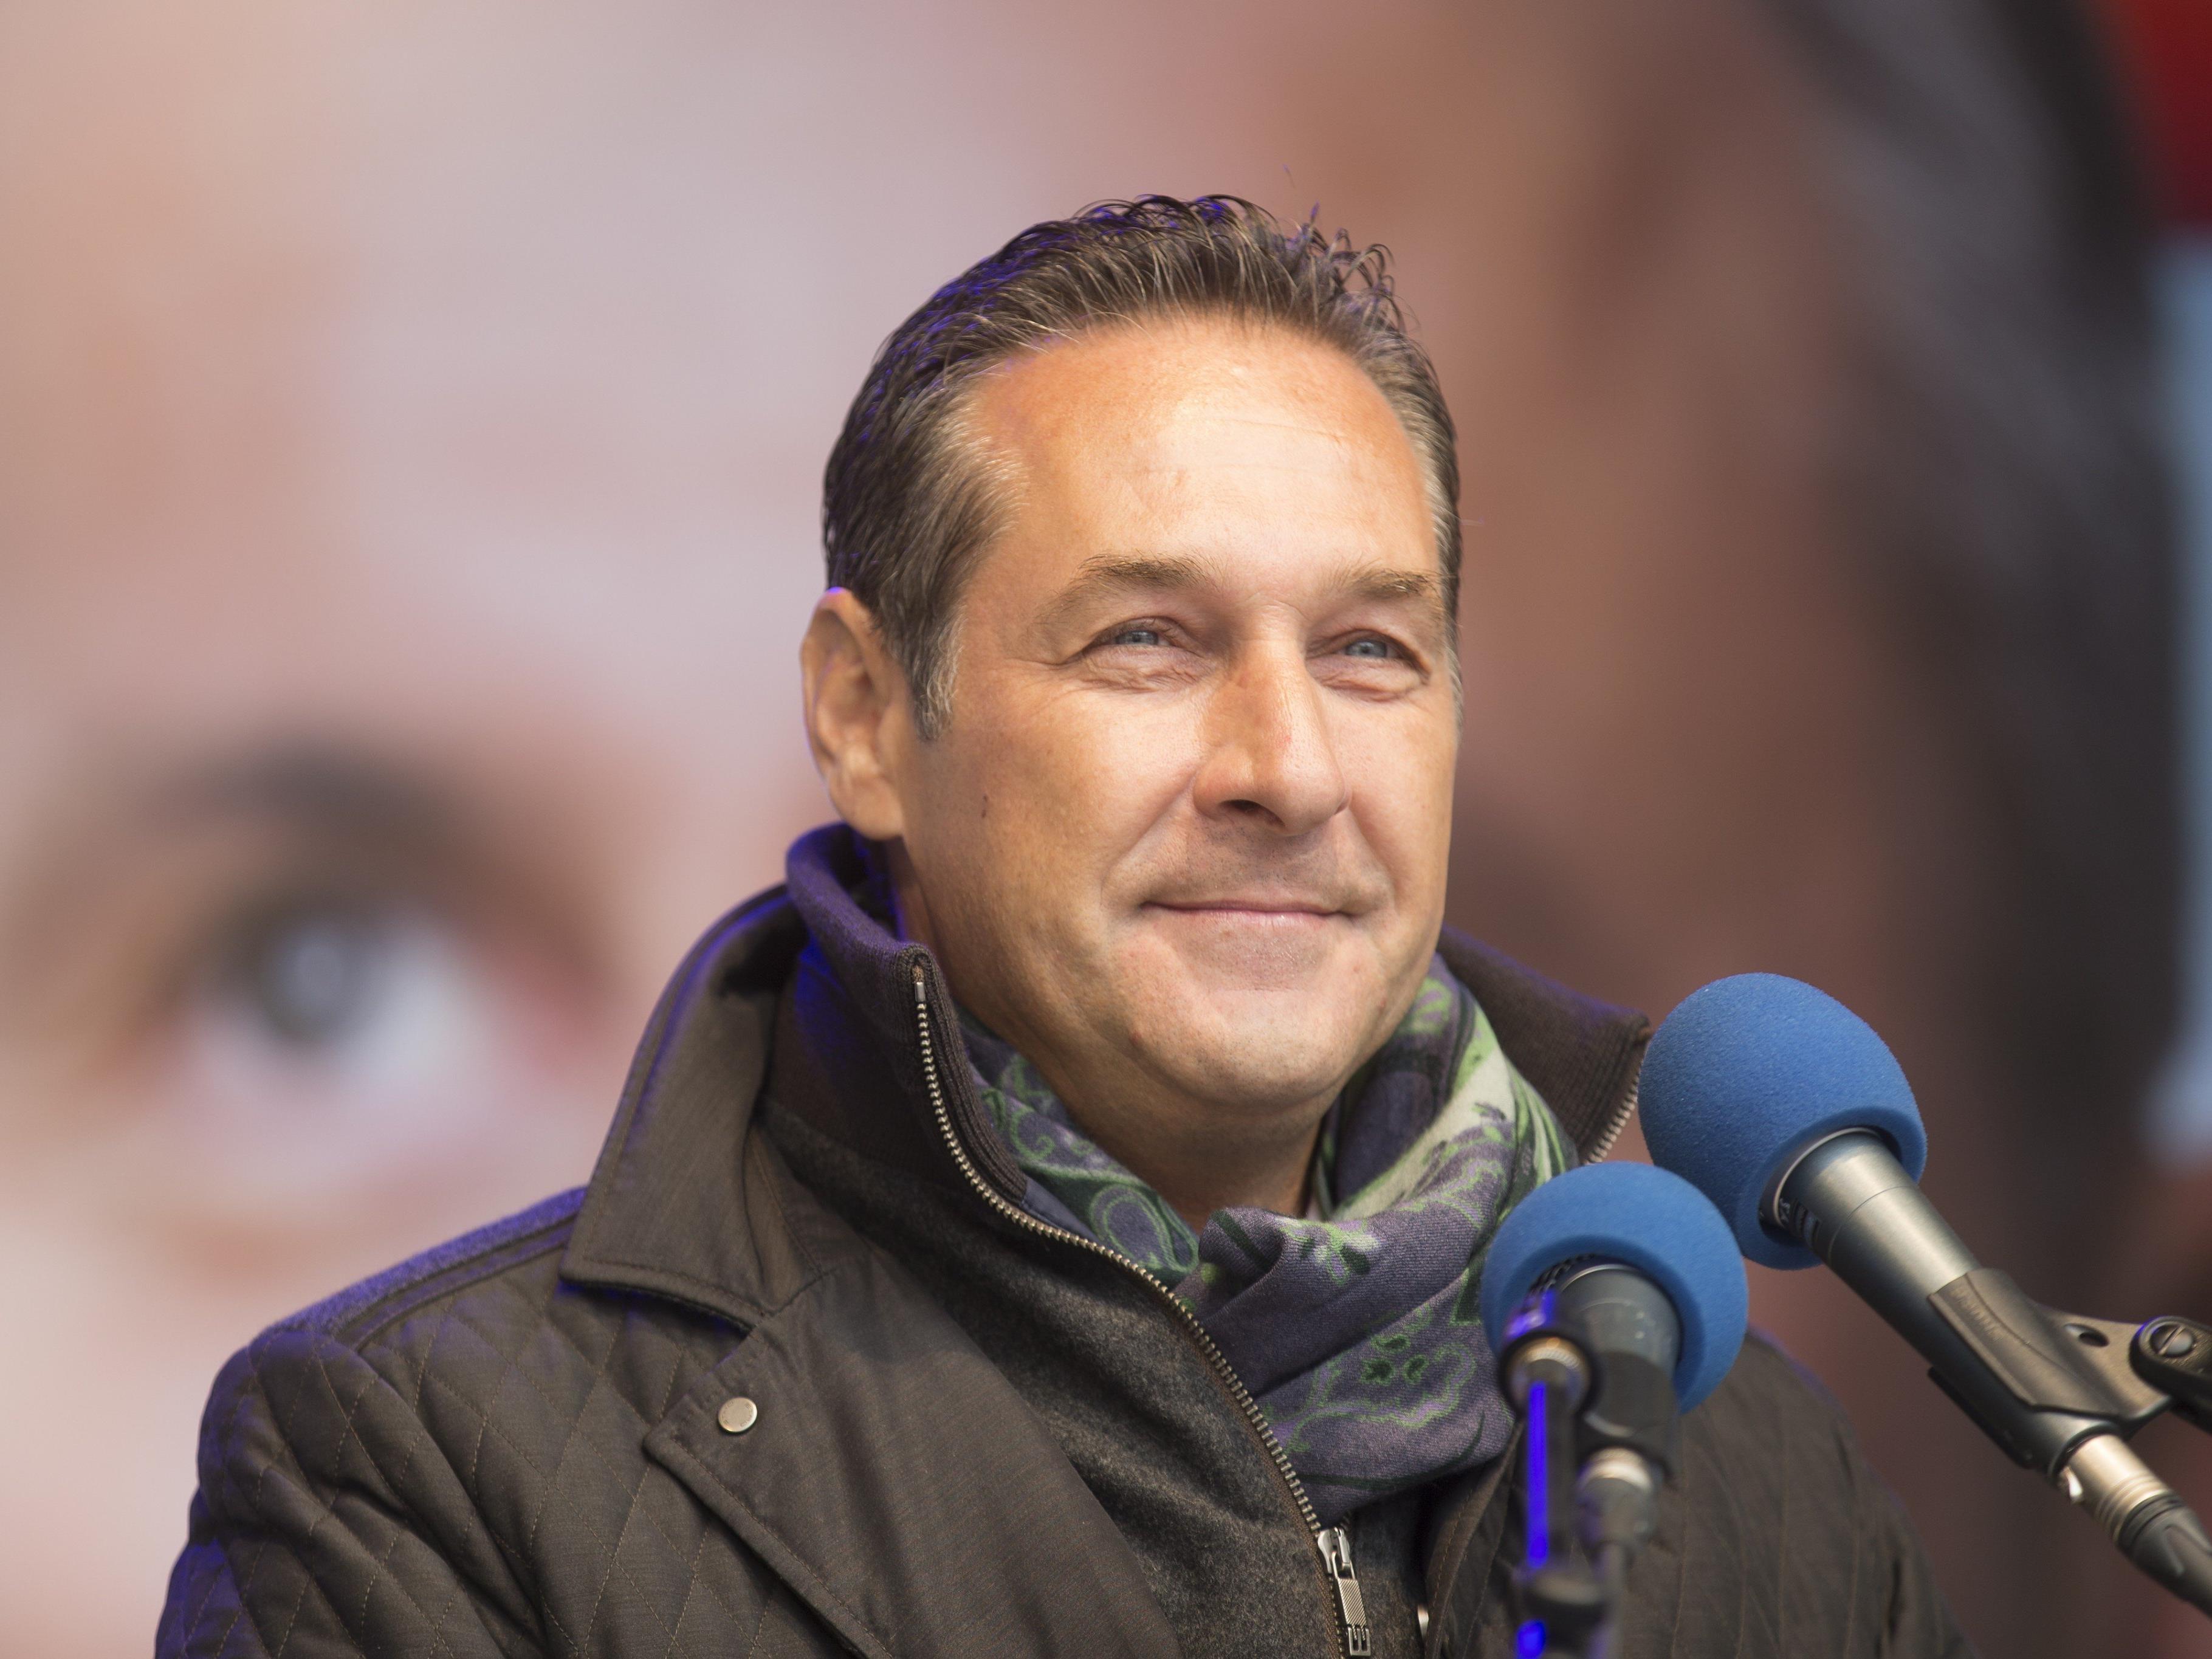 Falscher Vorwurf: HC Strache und der Fotograf haben sich außergerichtlich geeinigt.